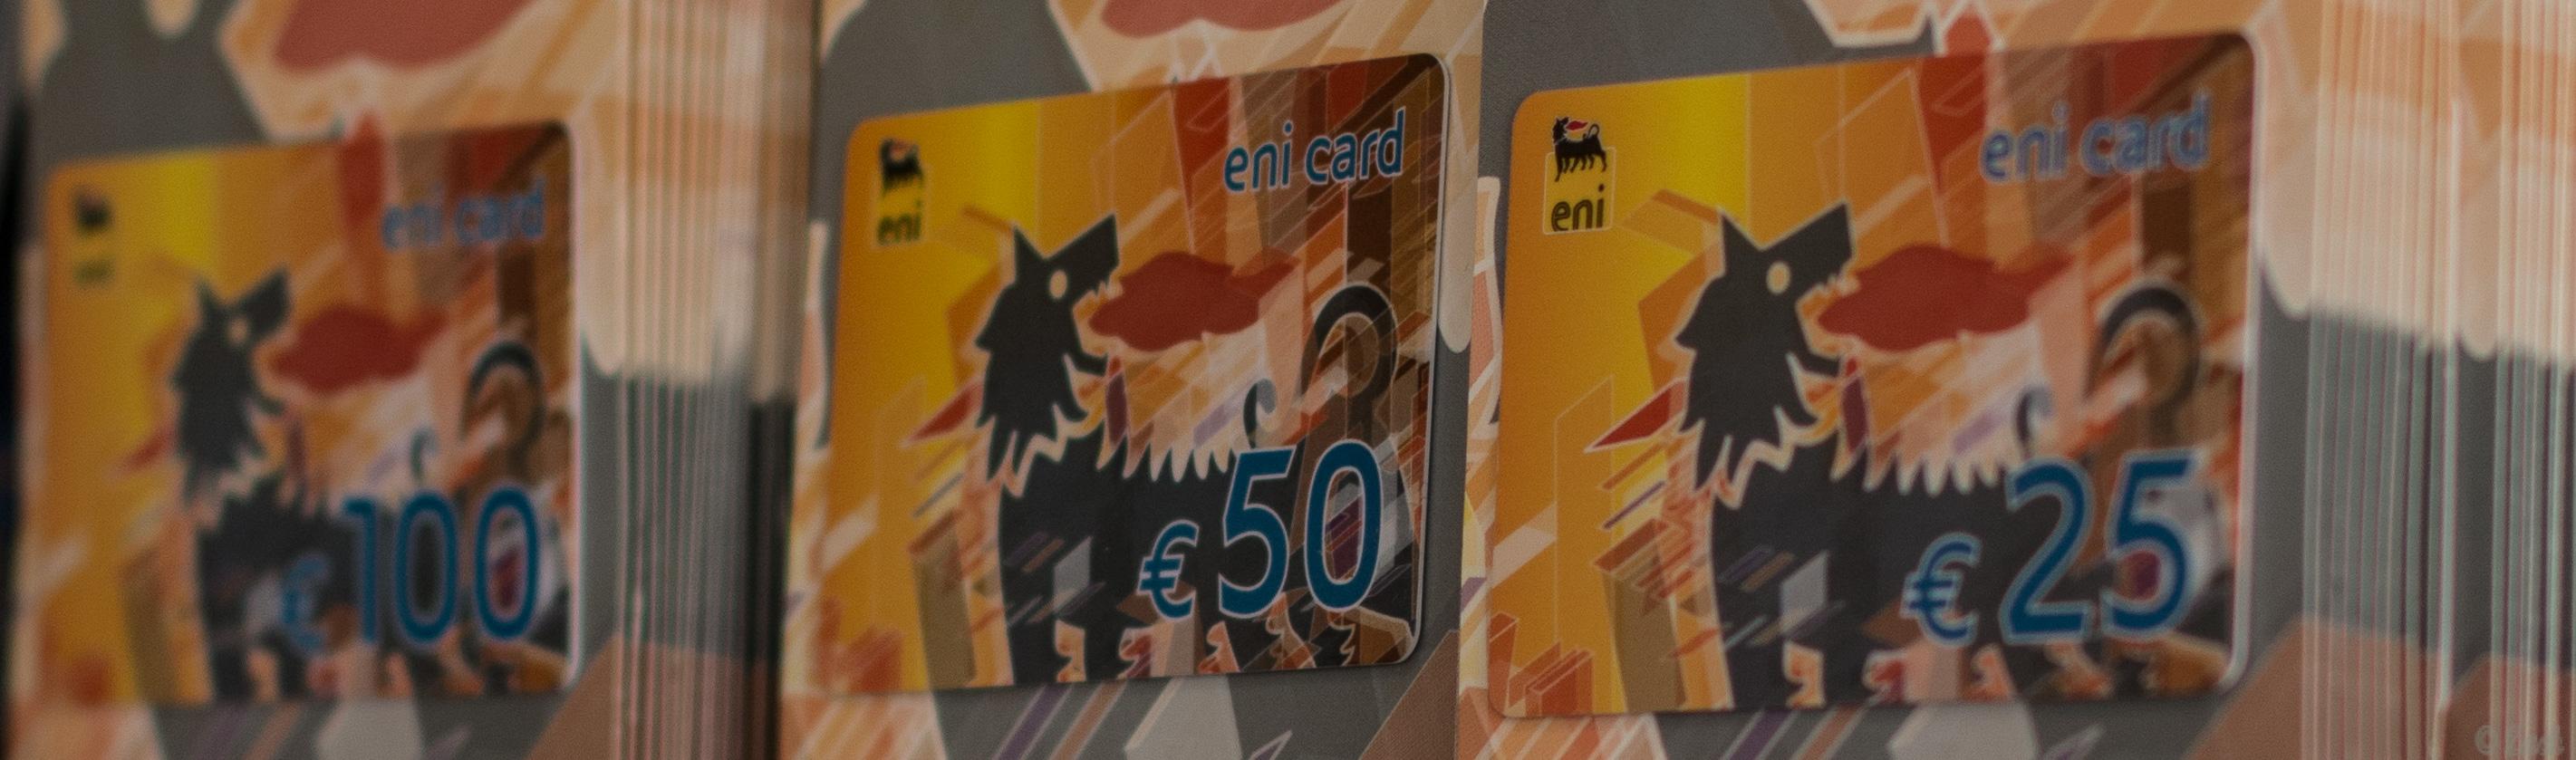 eni card –Gutscheinkarte